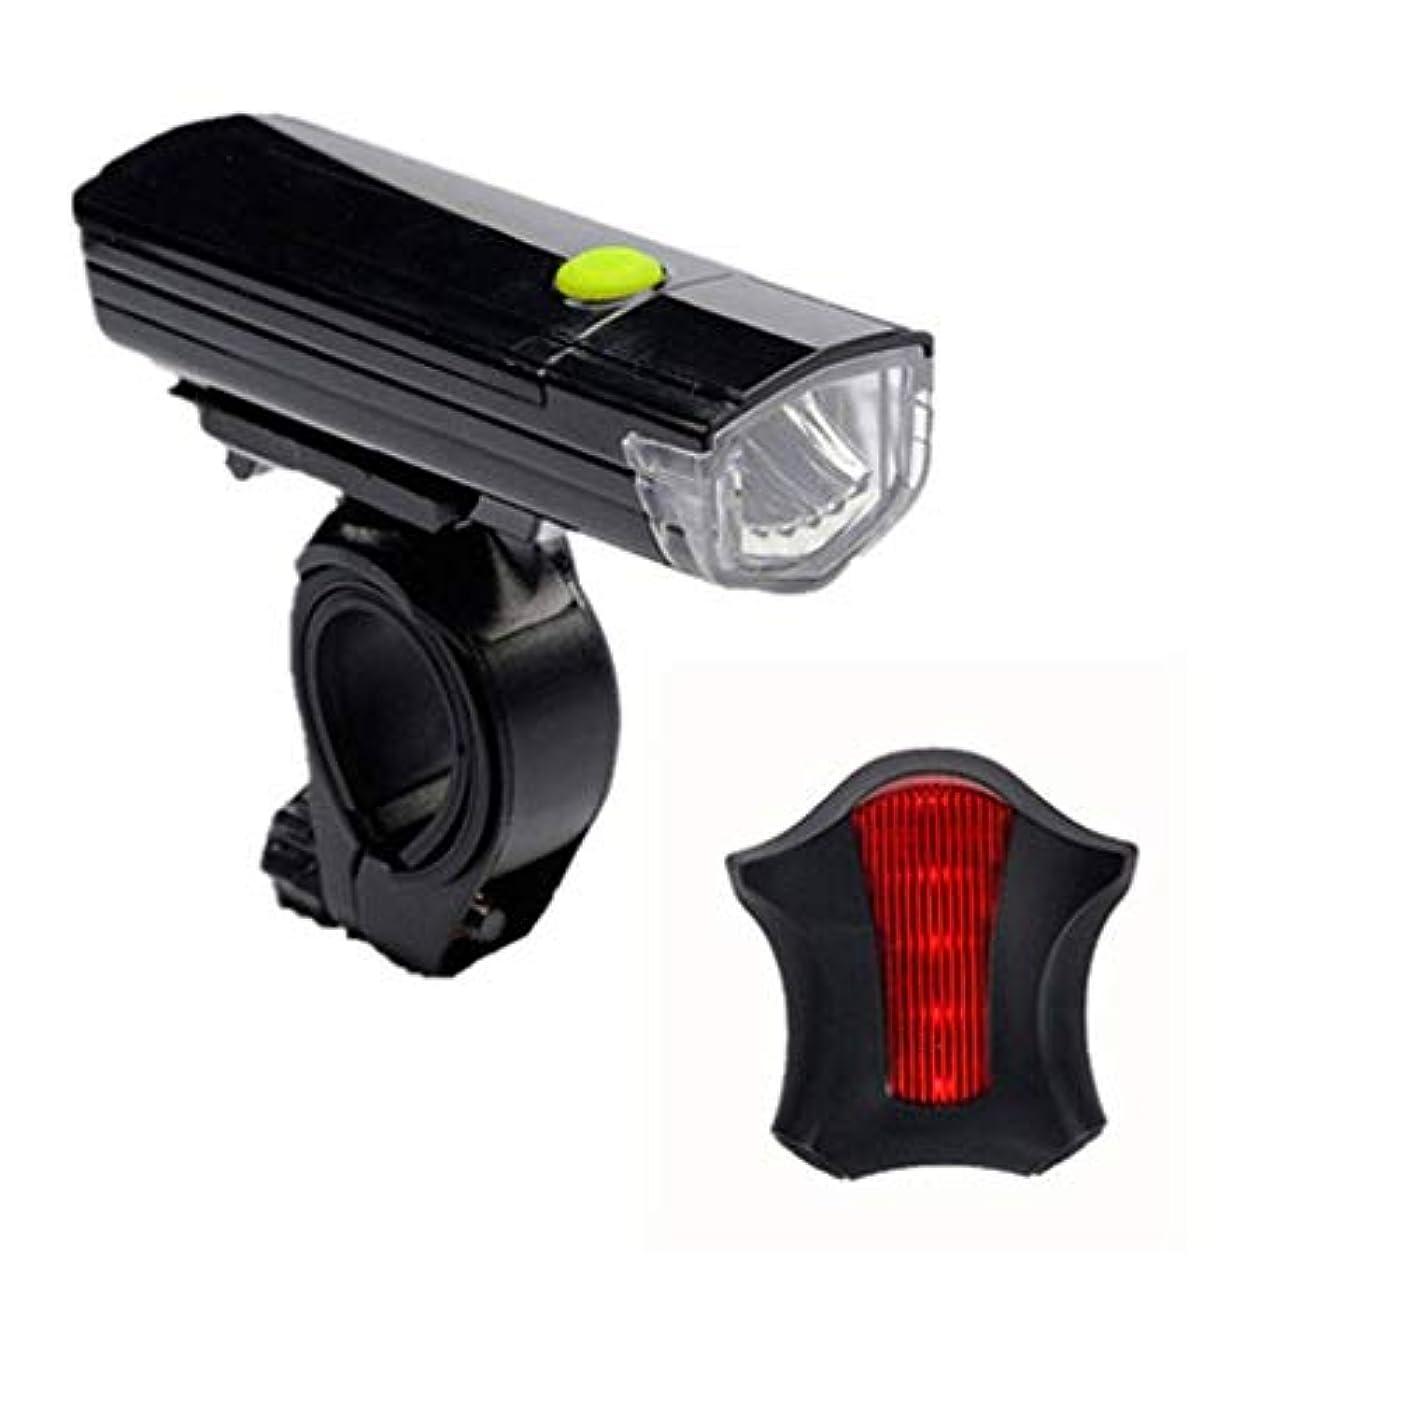 丈夫フォージ億自転車ライトカバー、自転車ライトLED交換可能バッテリー 自転車安全テールライト、自転車ヘッドライトテールライト